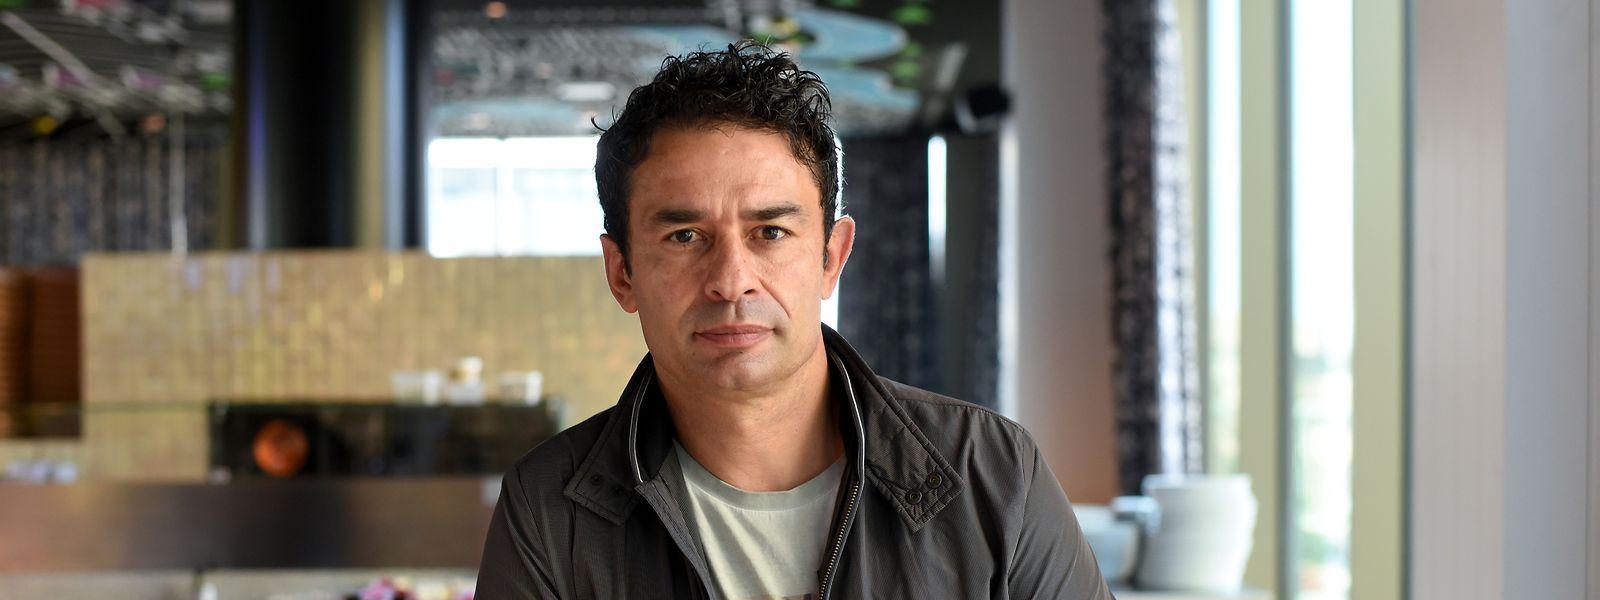 Patrick Maitzaingue a relevé le challenge sportif du RM Hamm Benfica. Le directeur sportif du club a du pain sur la planche.